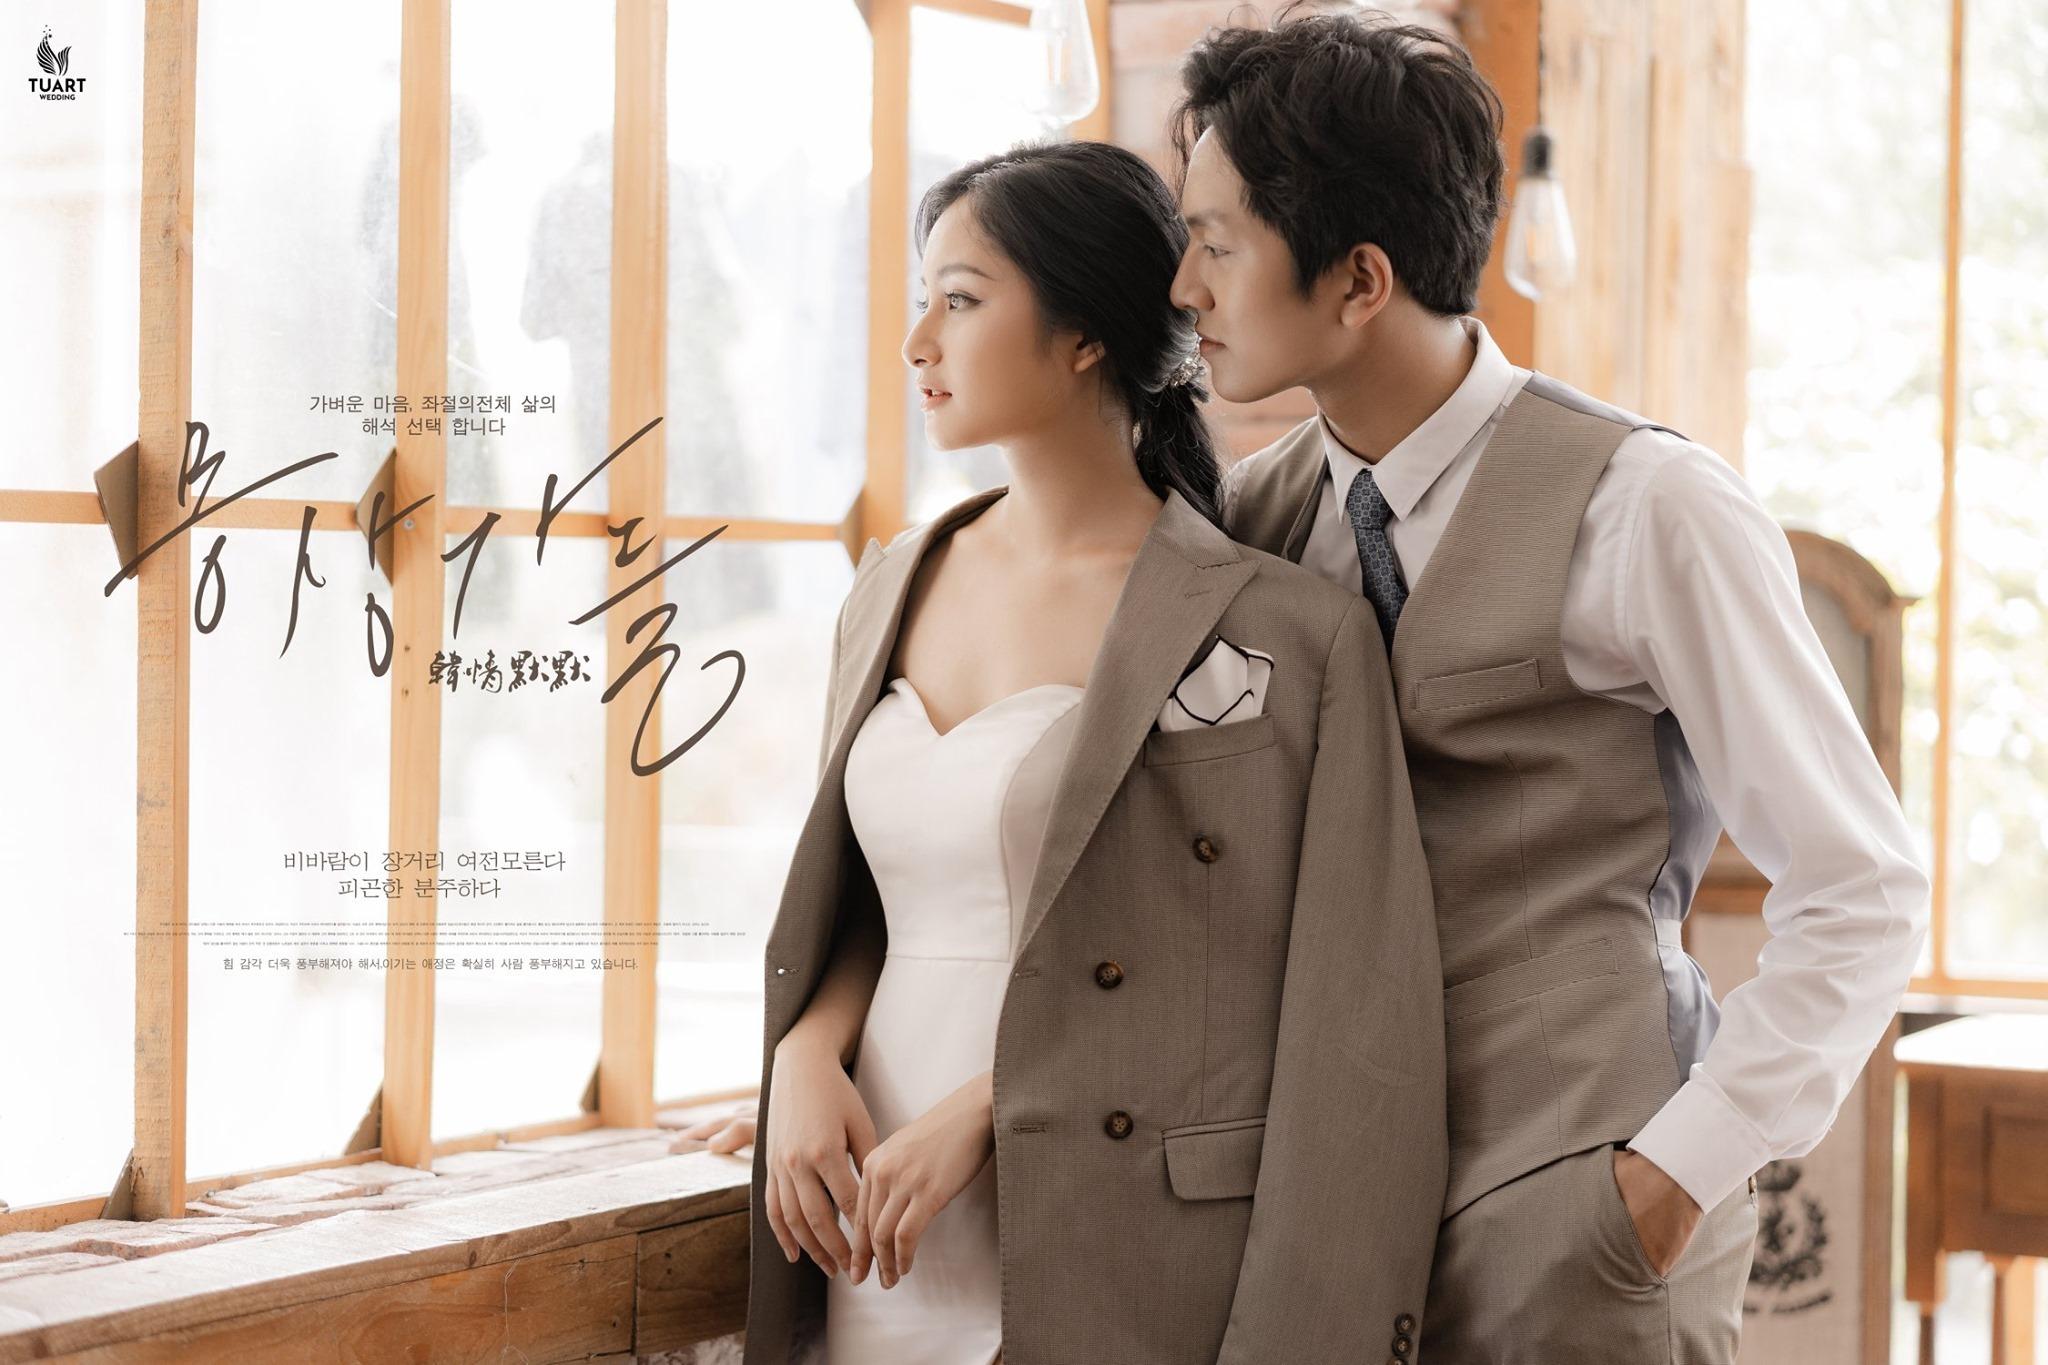 Album tại TuArt - Album chụp ảnh cưới đẹp phong cách Hàn Quốc 31